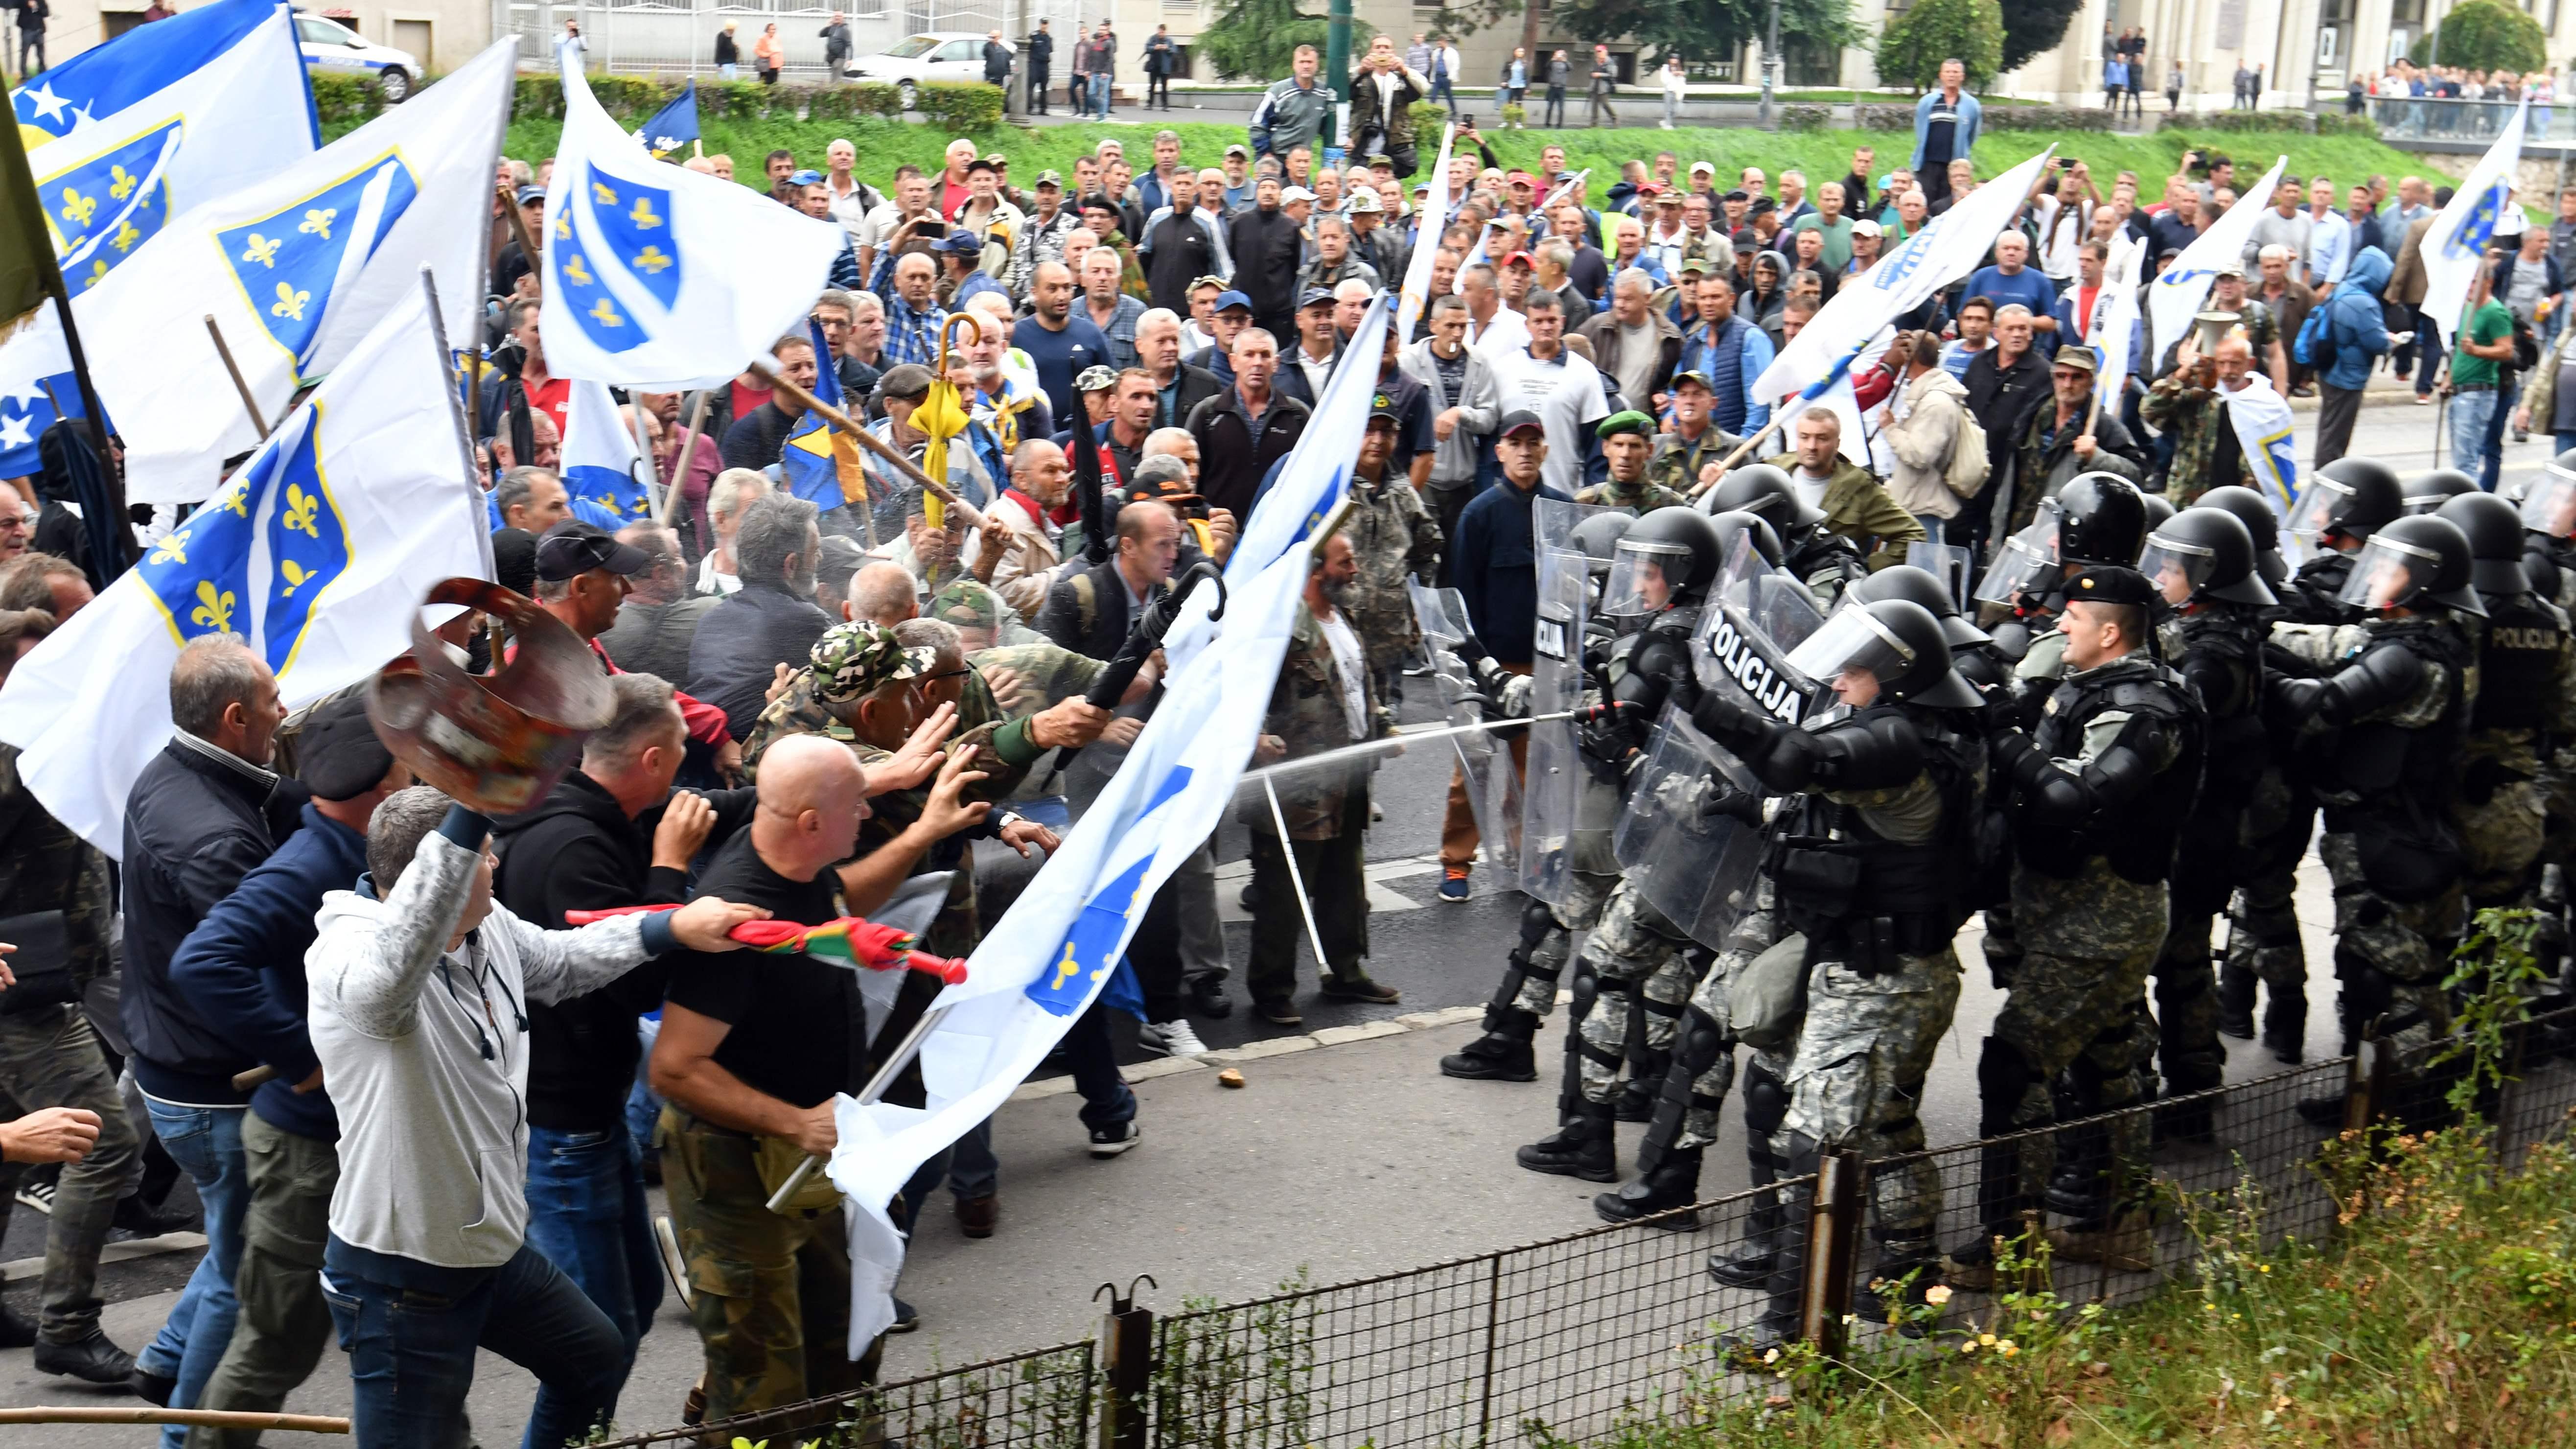 صور.. شرطة البوسنة تشتبك مع مئات من المحاربين القدماء بالعاصمة سراييفو  1464456-البوسنة-(2)